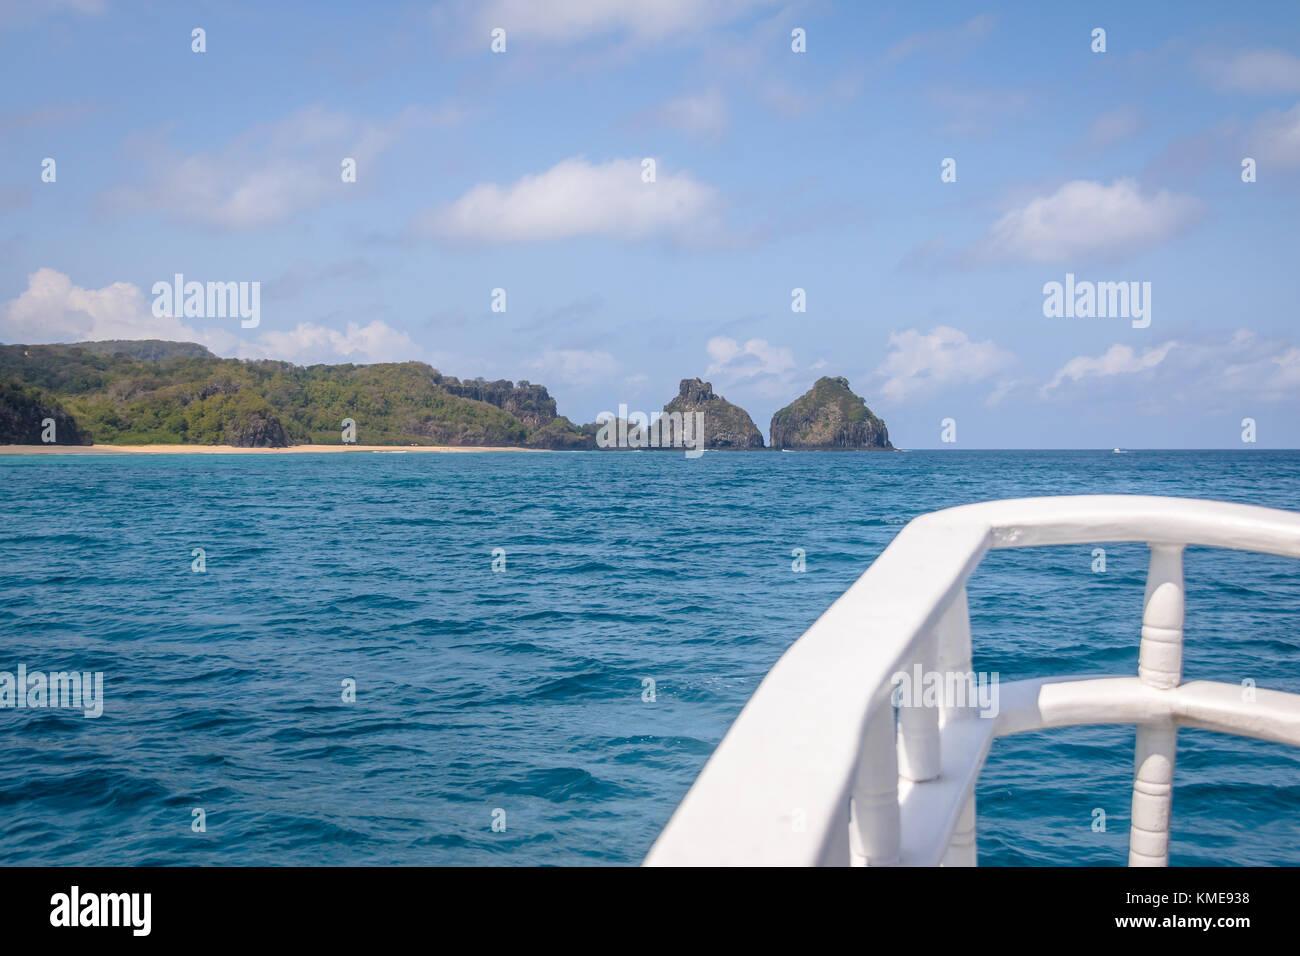 Morro Dois Irmaos vista da una barca in mare interno (mar de dentro) - Fernando de Noronha, Pernambuco, Brasile Immagini Stock